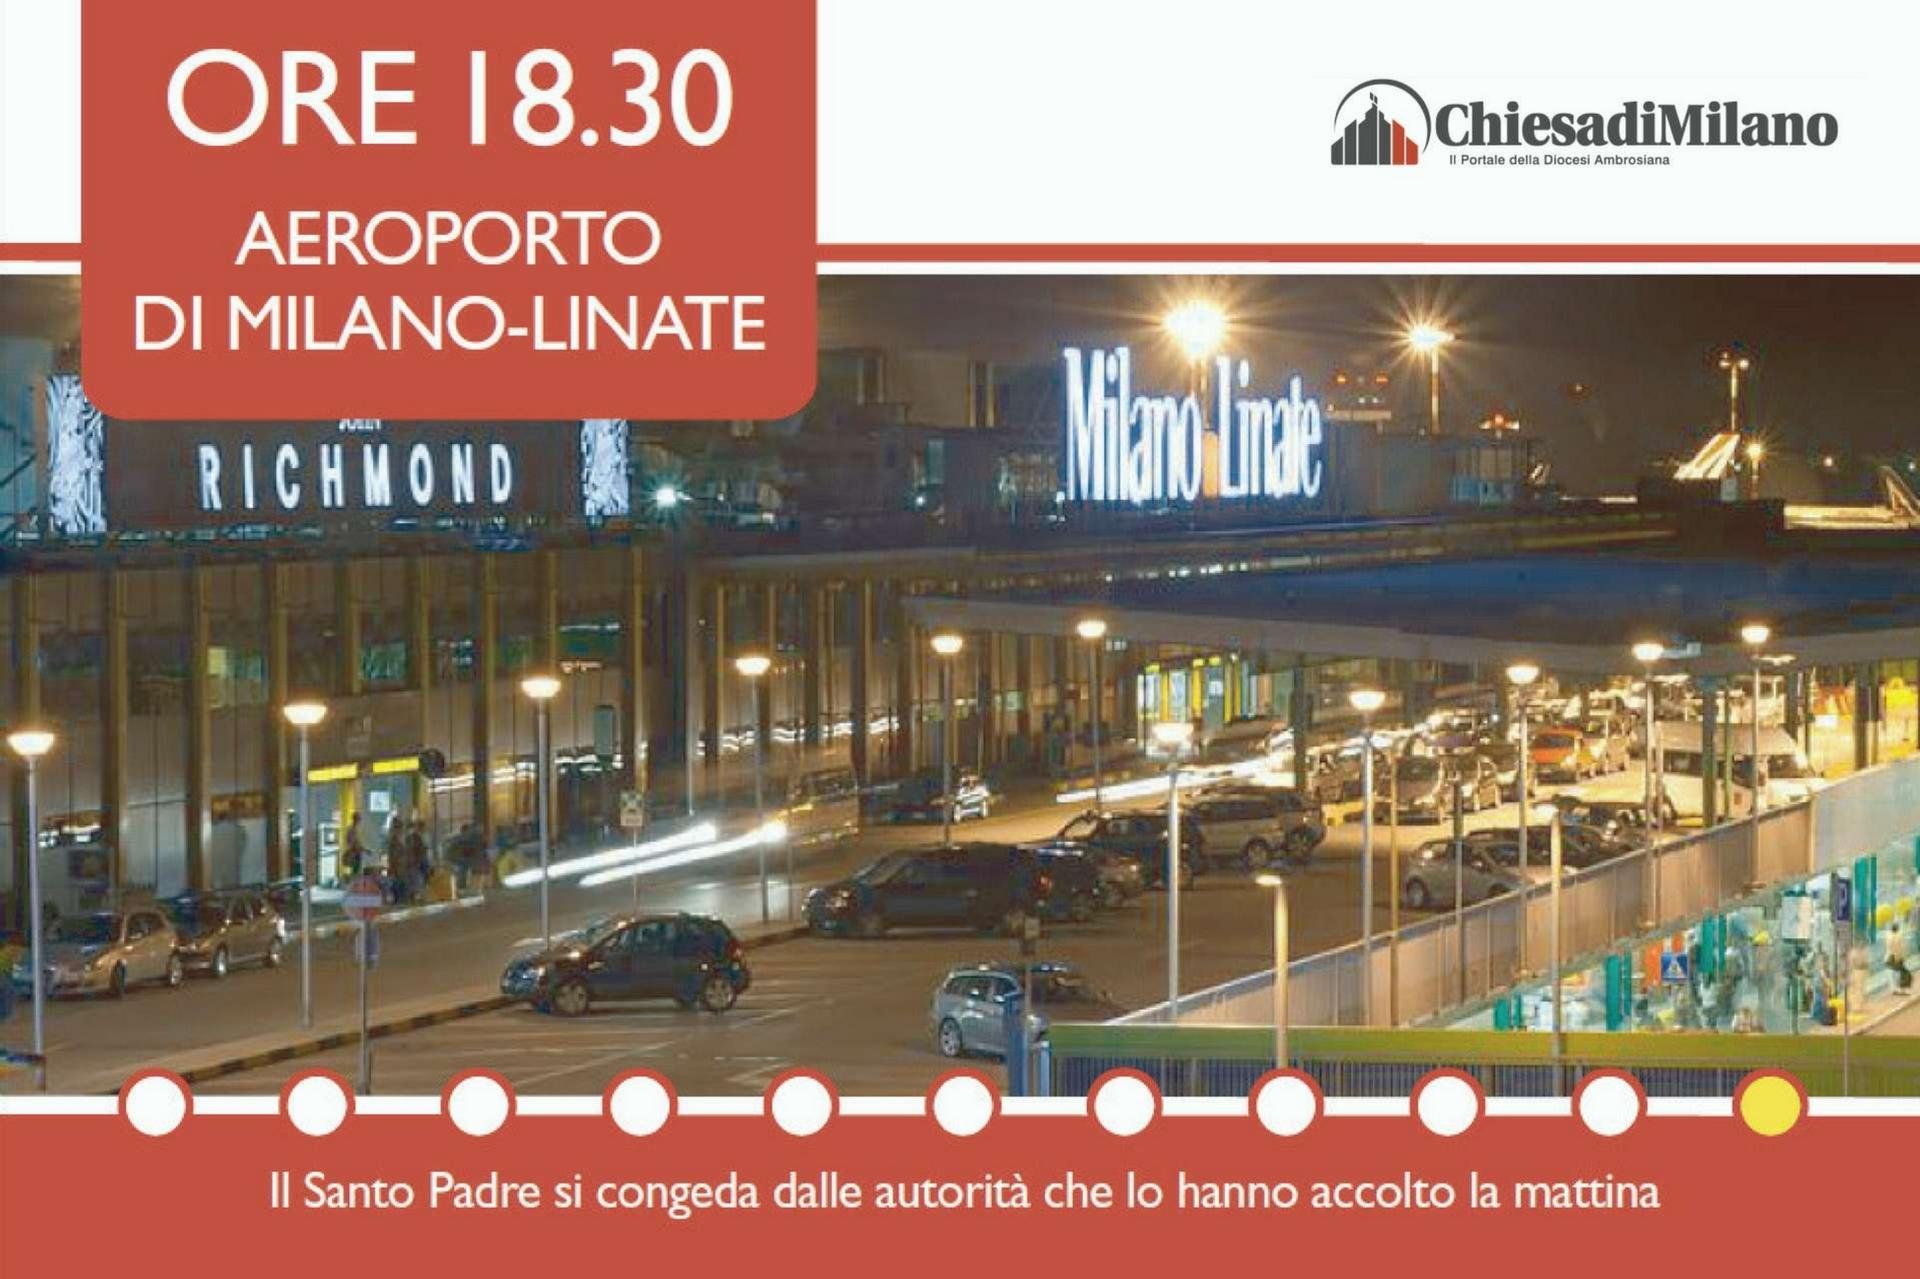 Aeroporto Alle Porte Di Milano : Azione cattolica reggio emilia